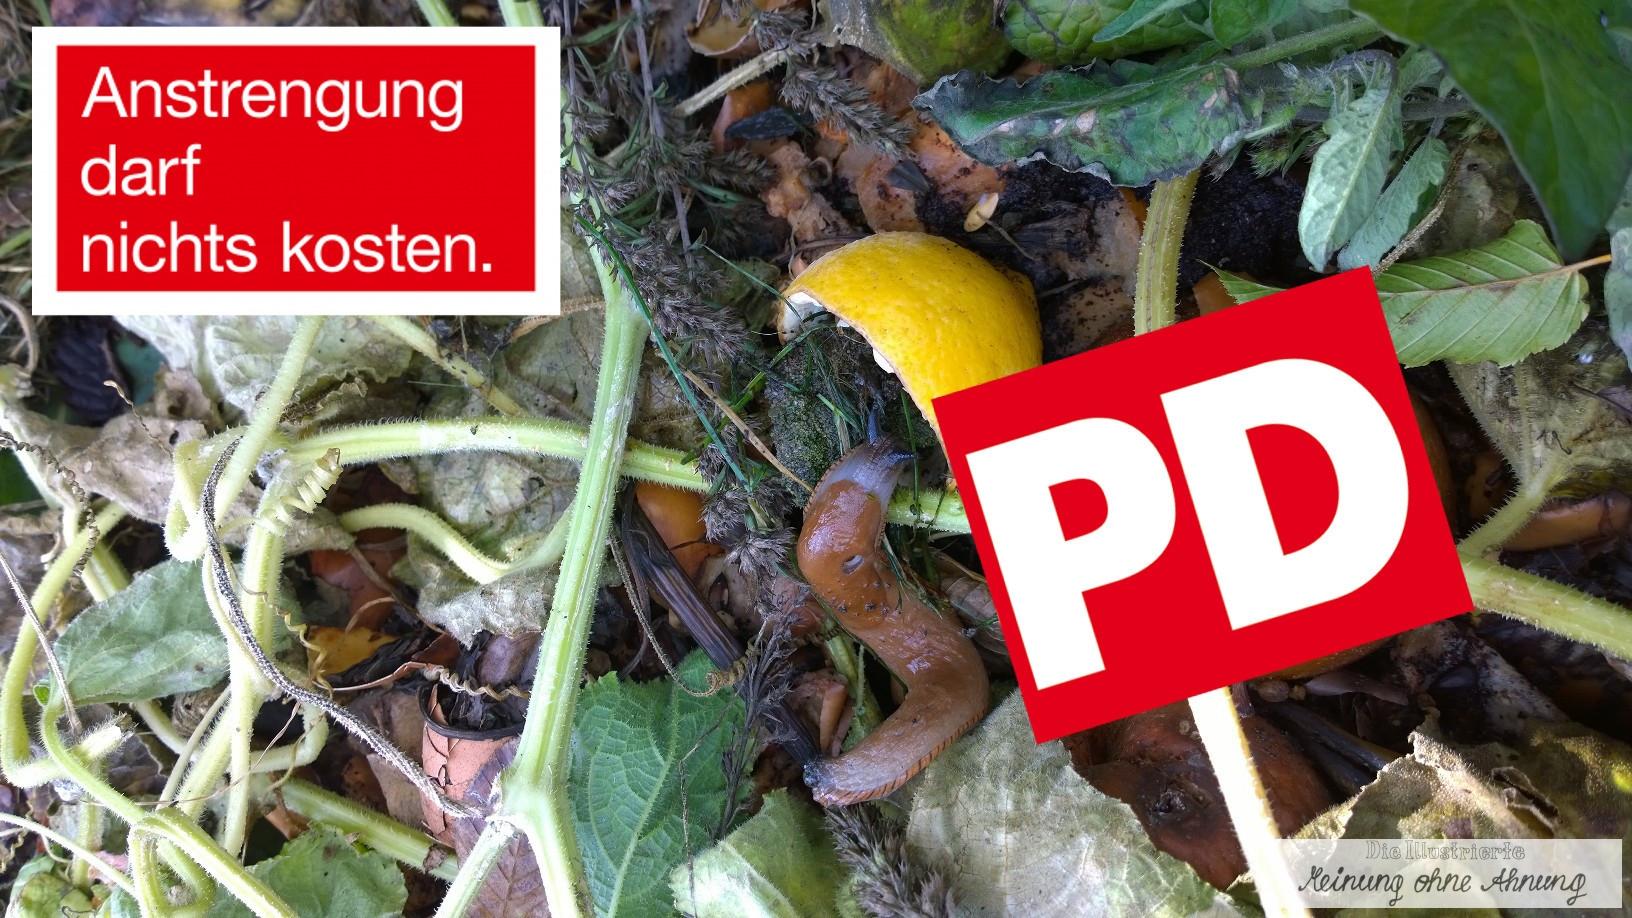 Anstrengung-darf-nichts-kosten-SPD